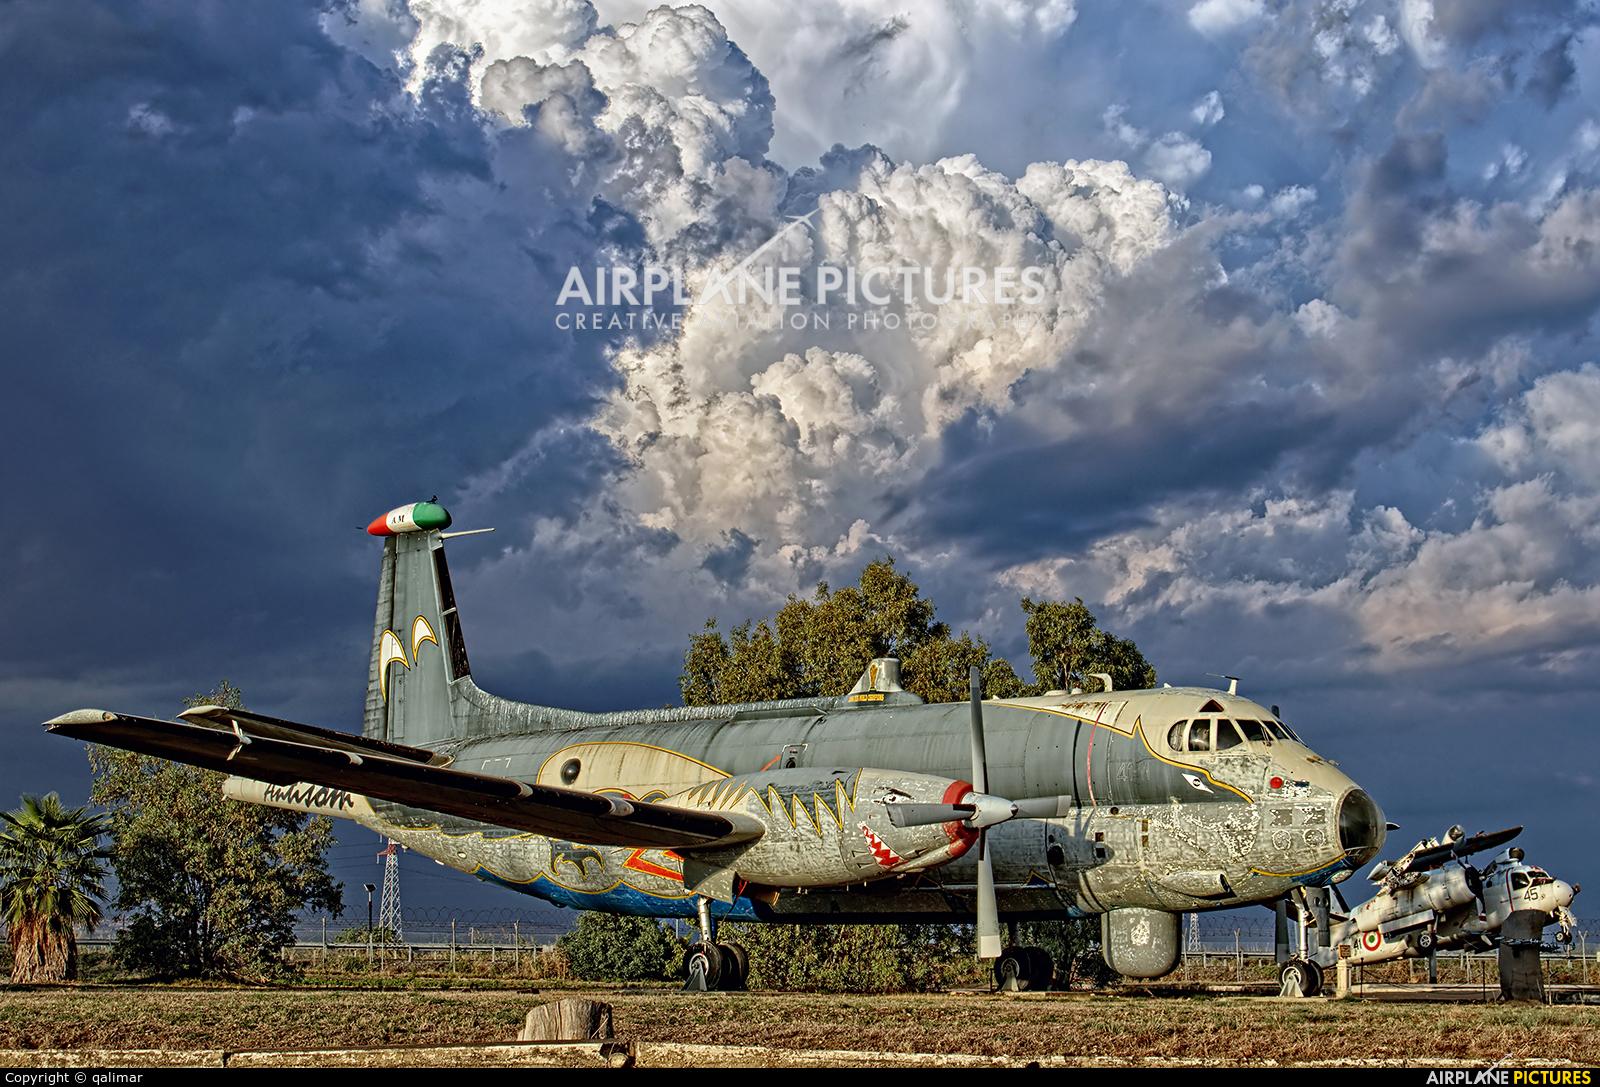 Italy - Air Force MM40124 aircraft at Sigonella